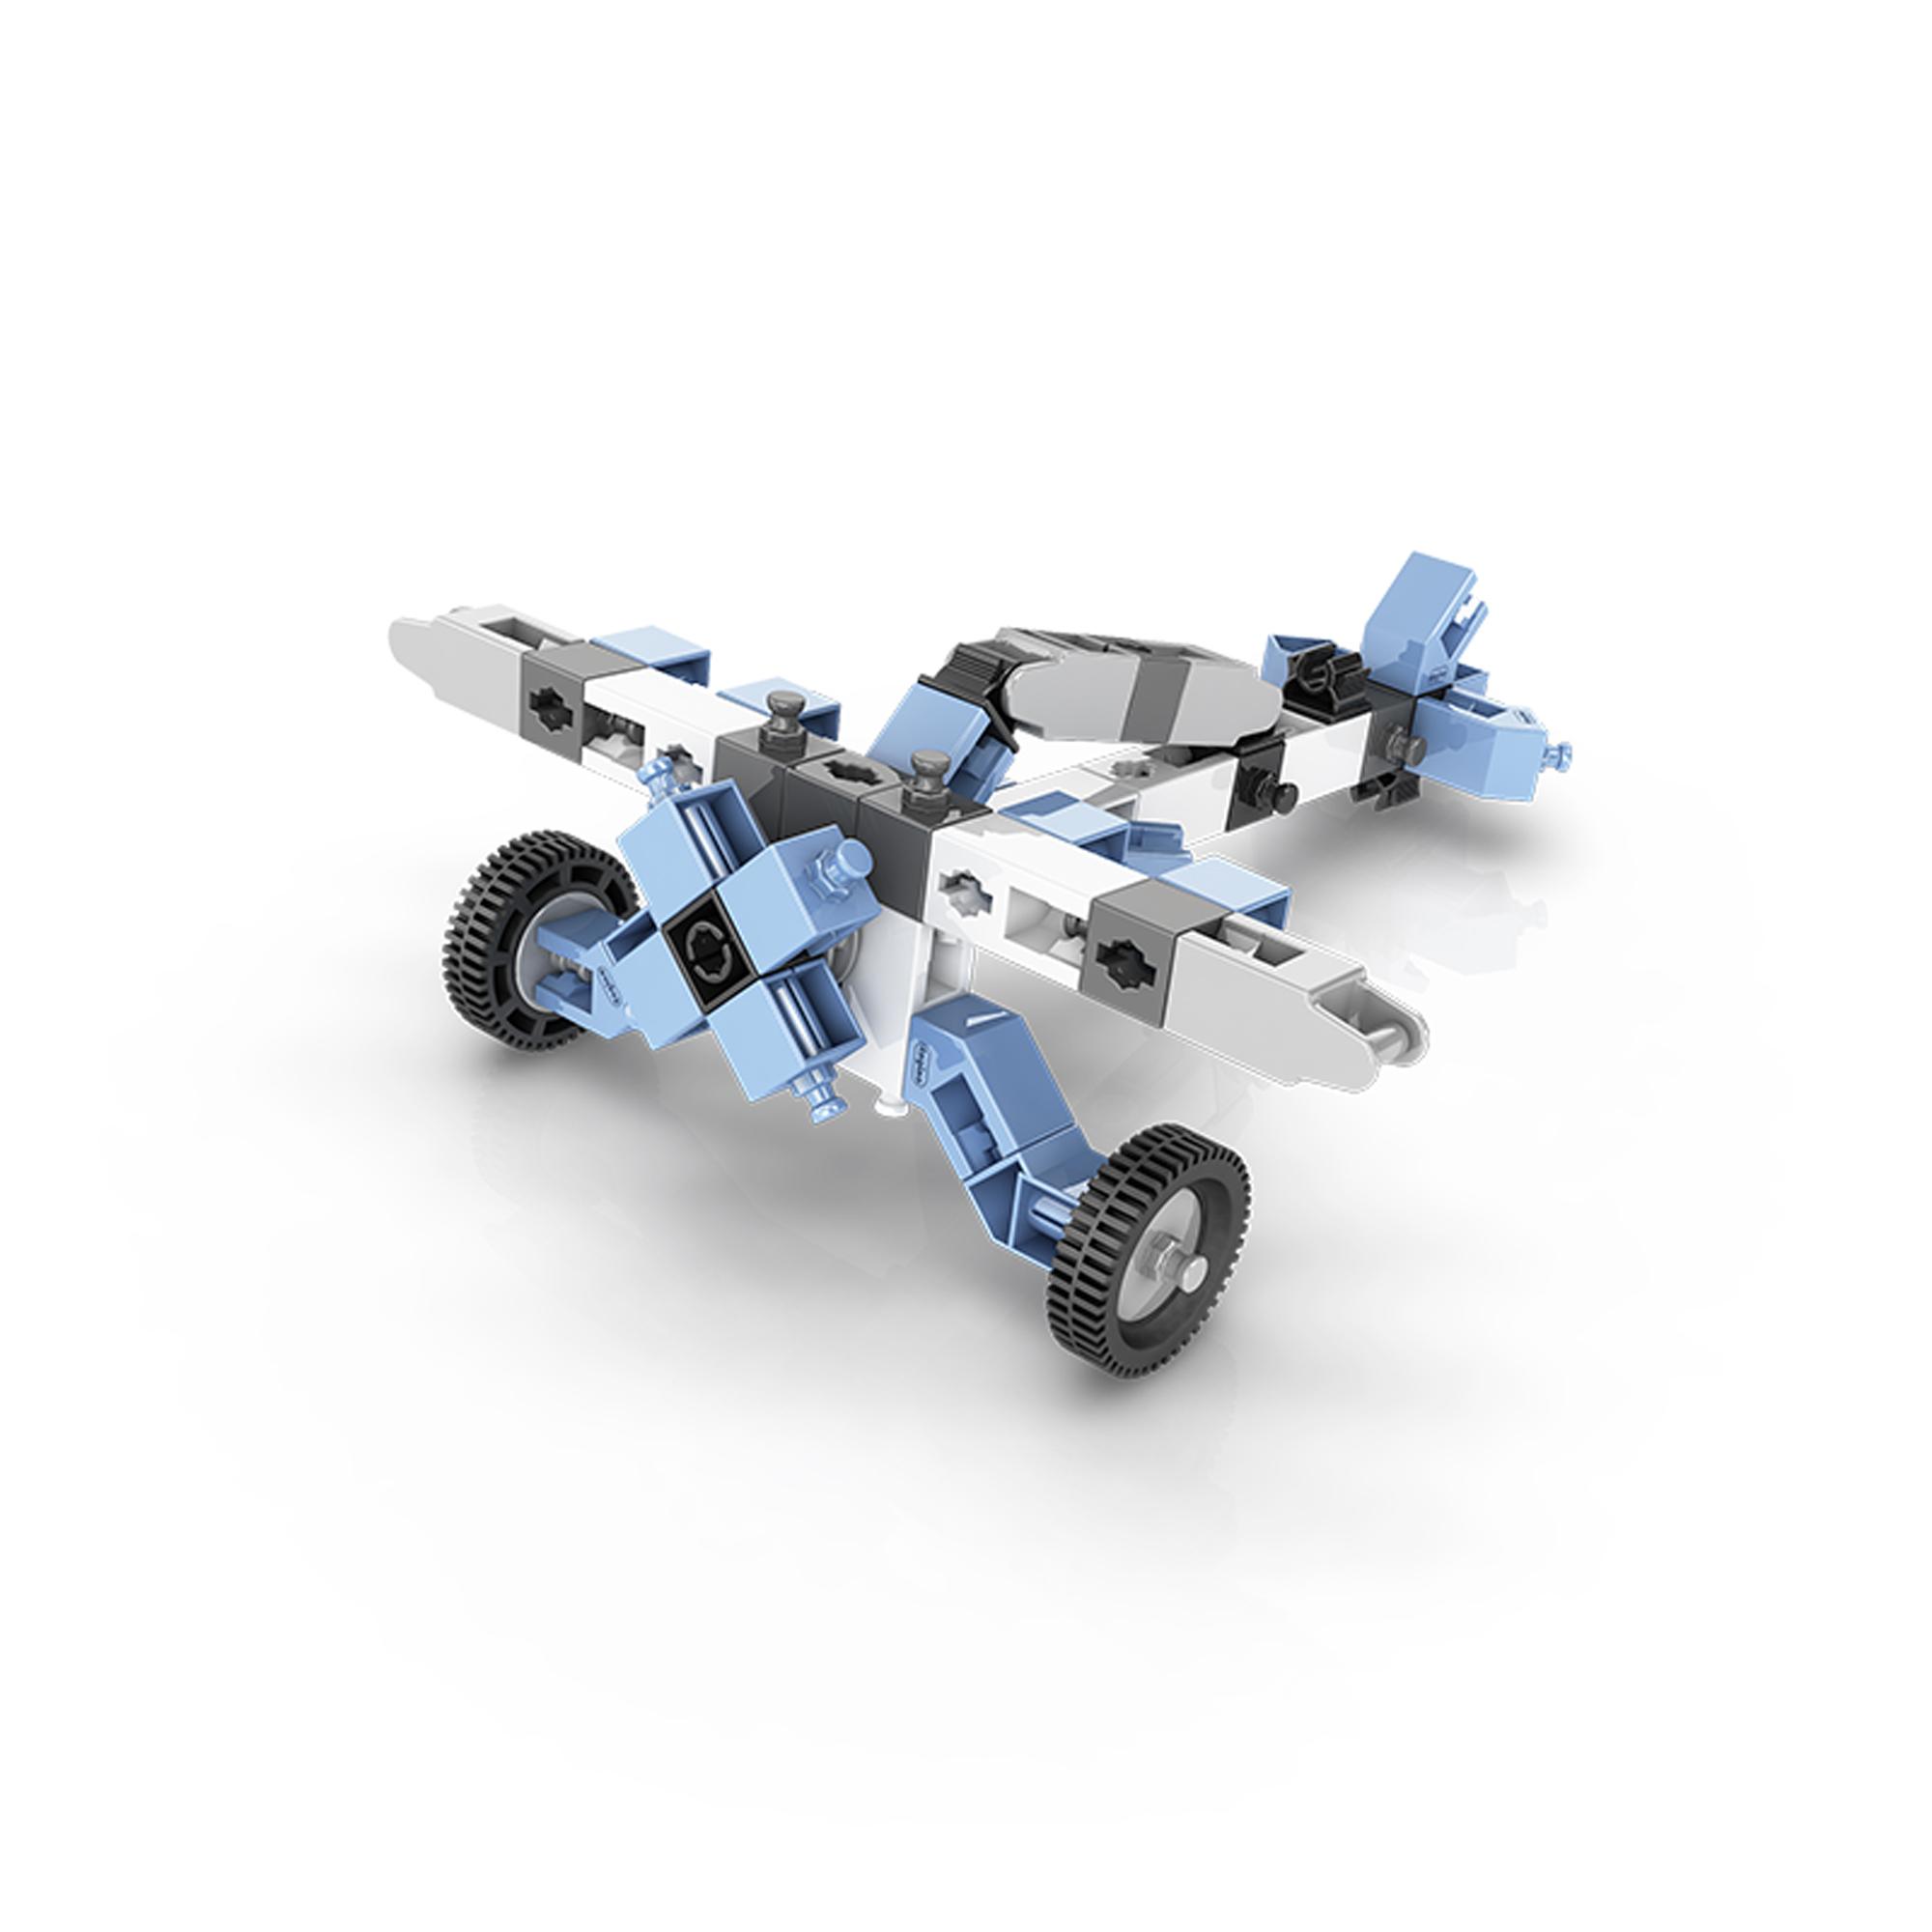 Set de constructie Inventor - 8 modele de aeronave   Engino - 5